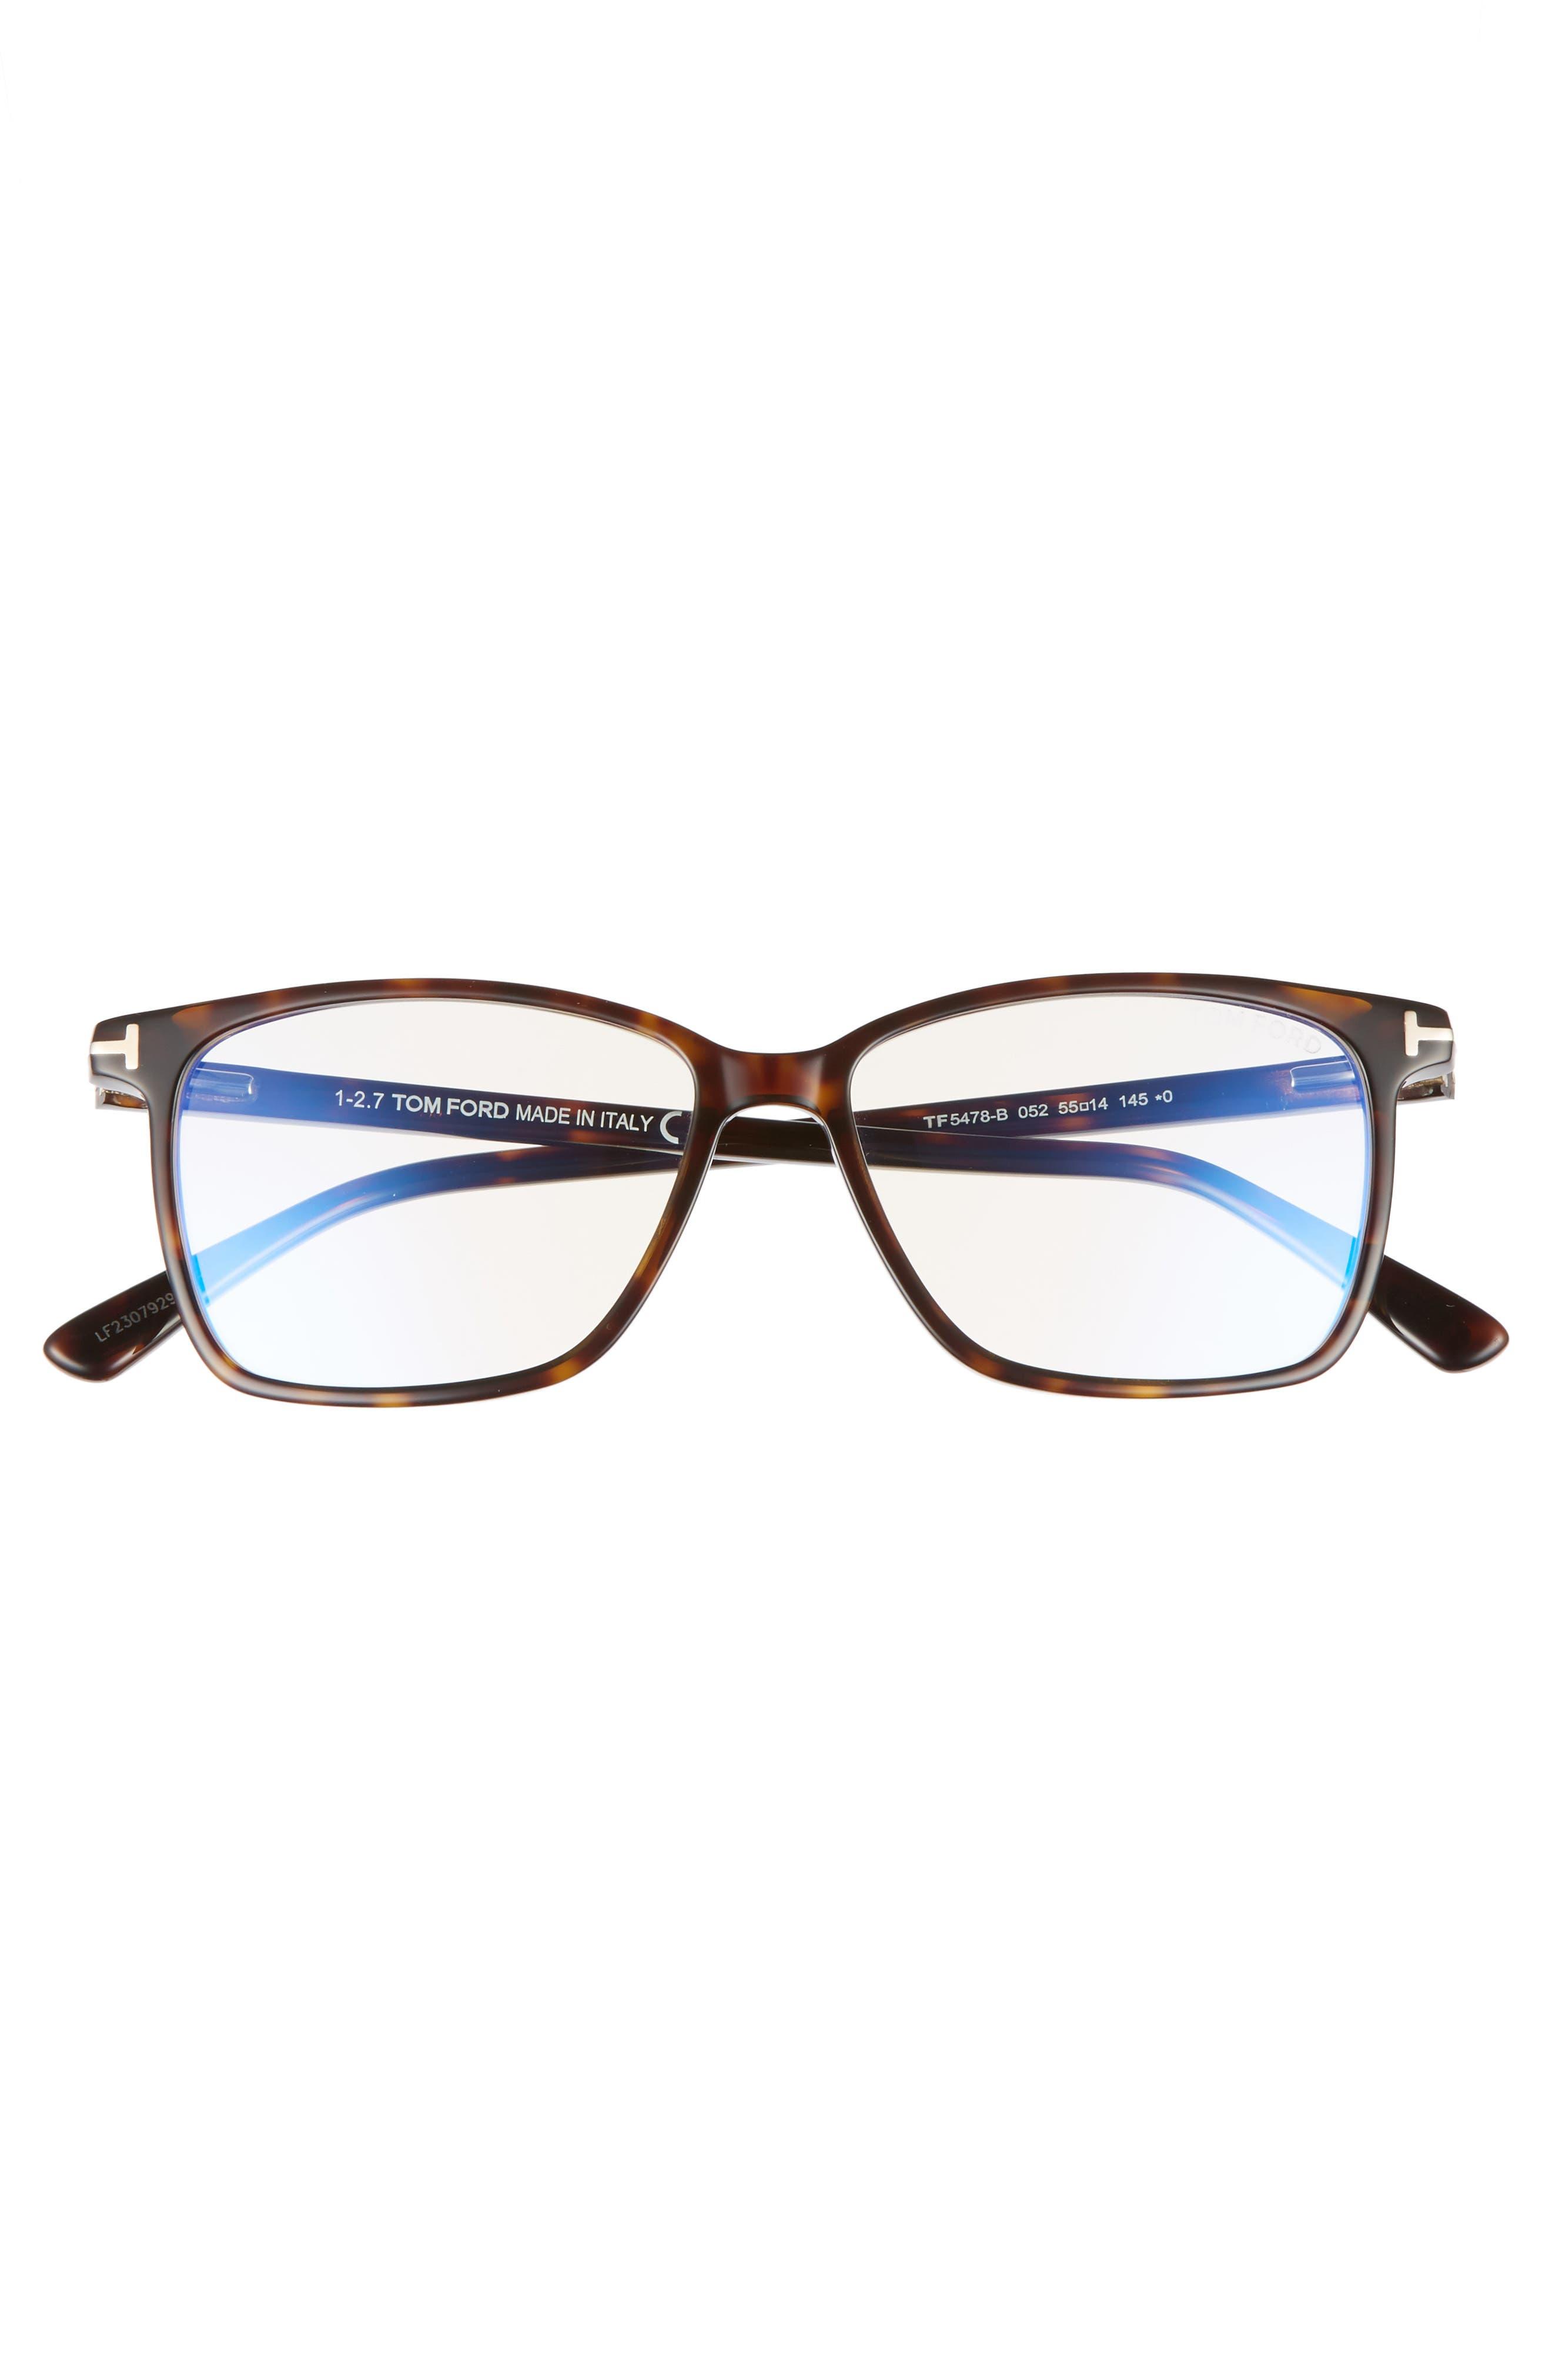 55mm Blue Block Optical Glasses,                             Alternate thumbnail 3, color,                             DARK HAVANA/ BLUE